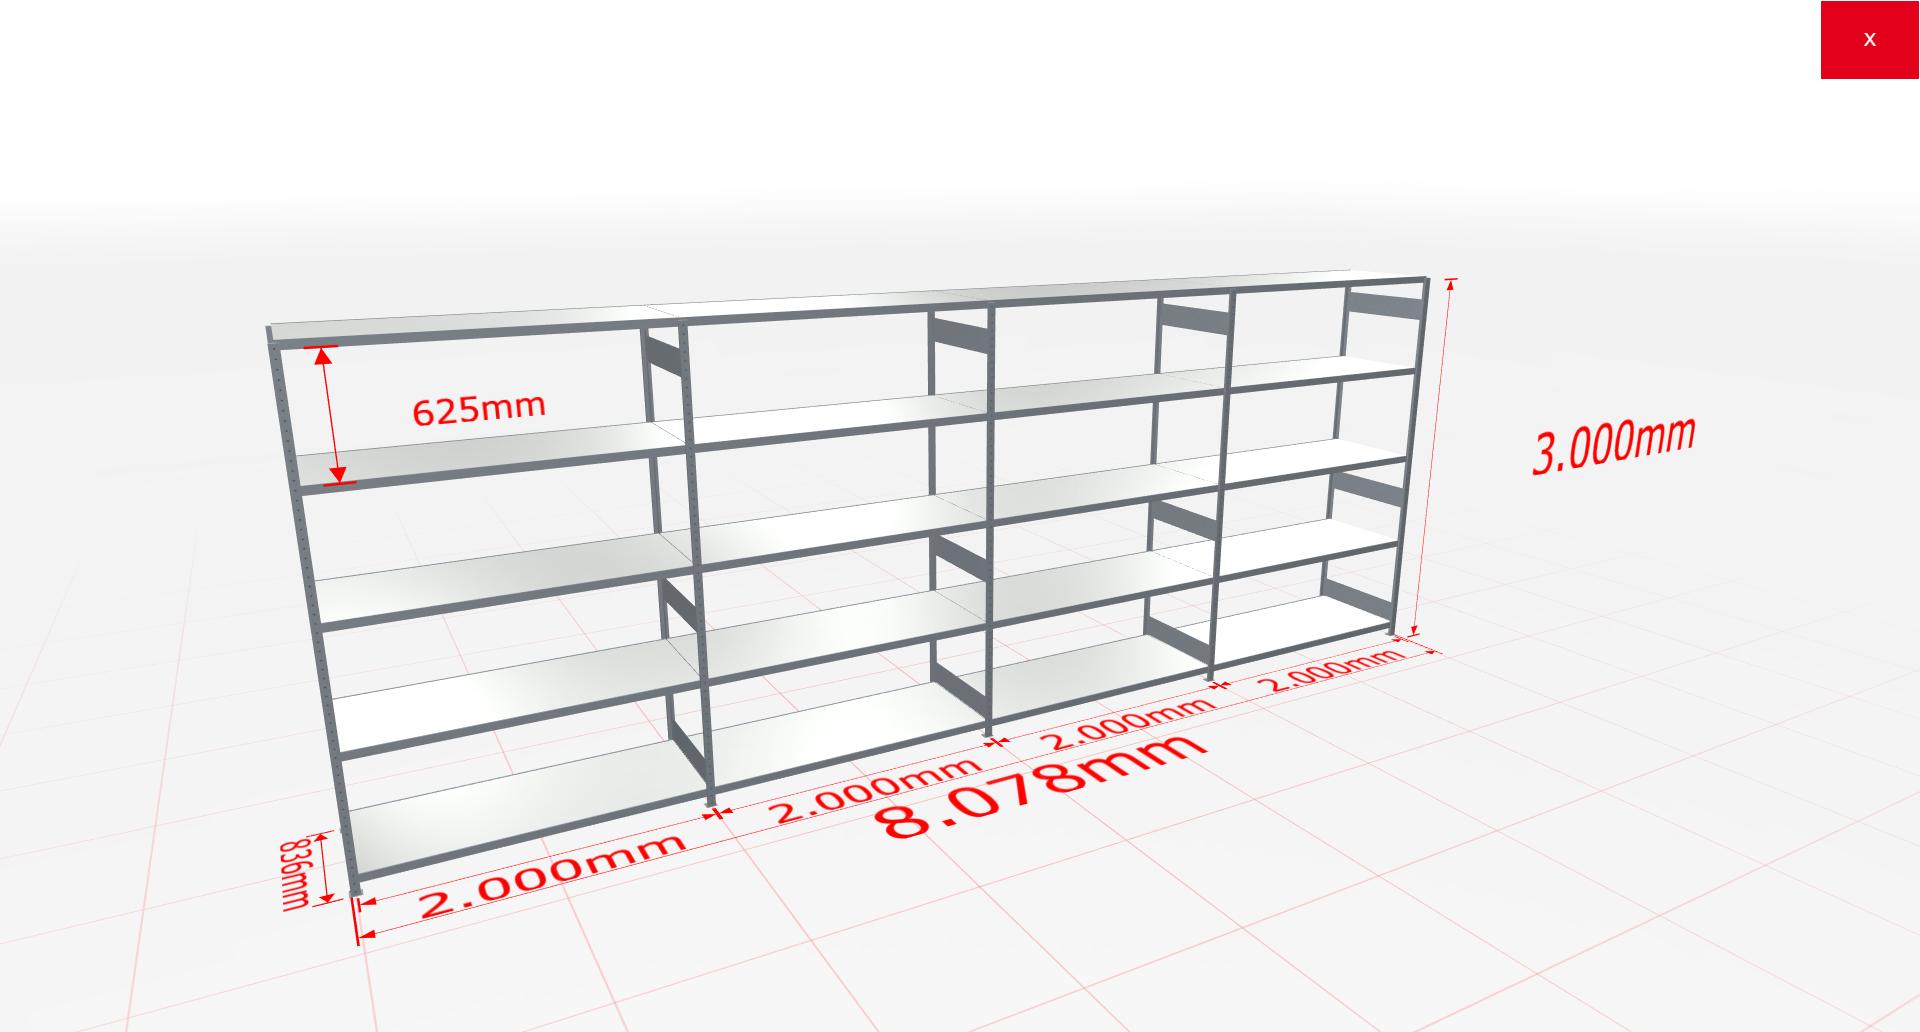 Weitspannregal Komplettregal 3000x8078x800 mm (HxBxT) SCHULTE Lagertechnik verzinkt mit Stahlböden